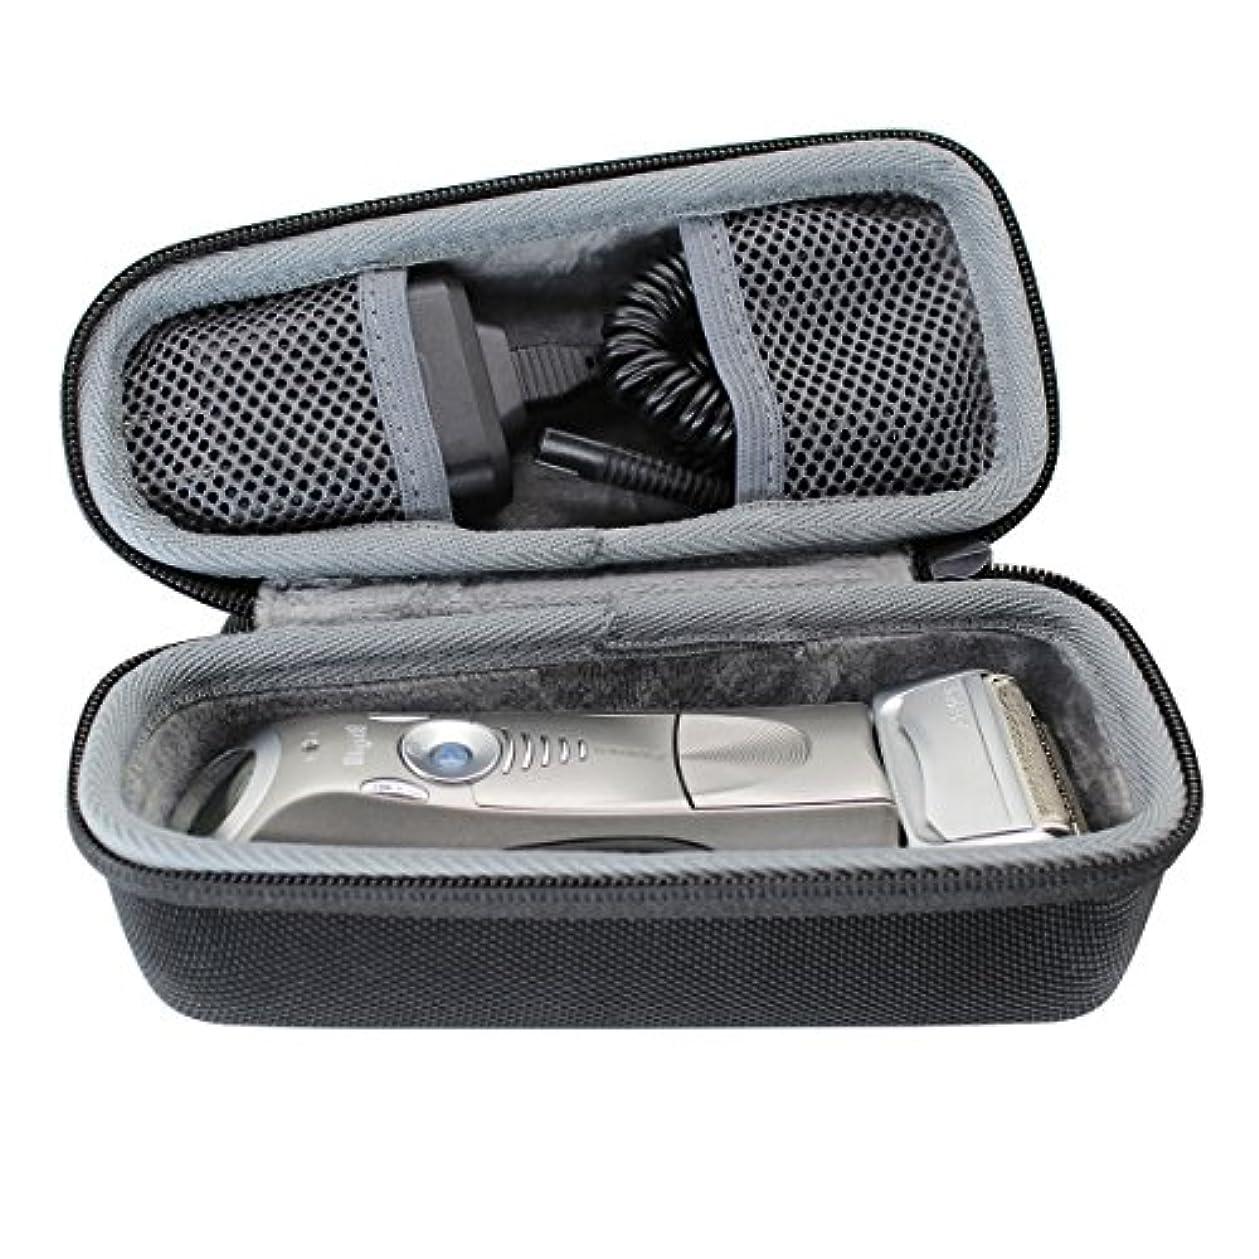 平和的ブースト振動させるハードポータブル旅行用ケースブラウン シリーズ5 7 9 メンズ電気シェーバー 5030s 5040s 790cc 9095cc 9292cc-VIVENS